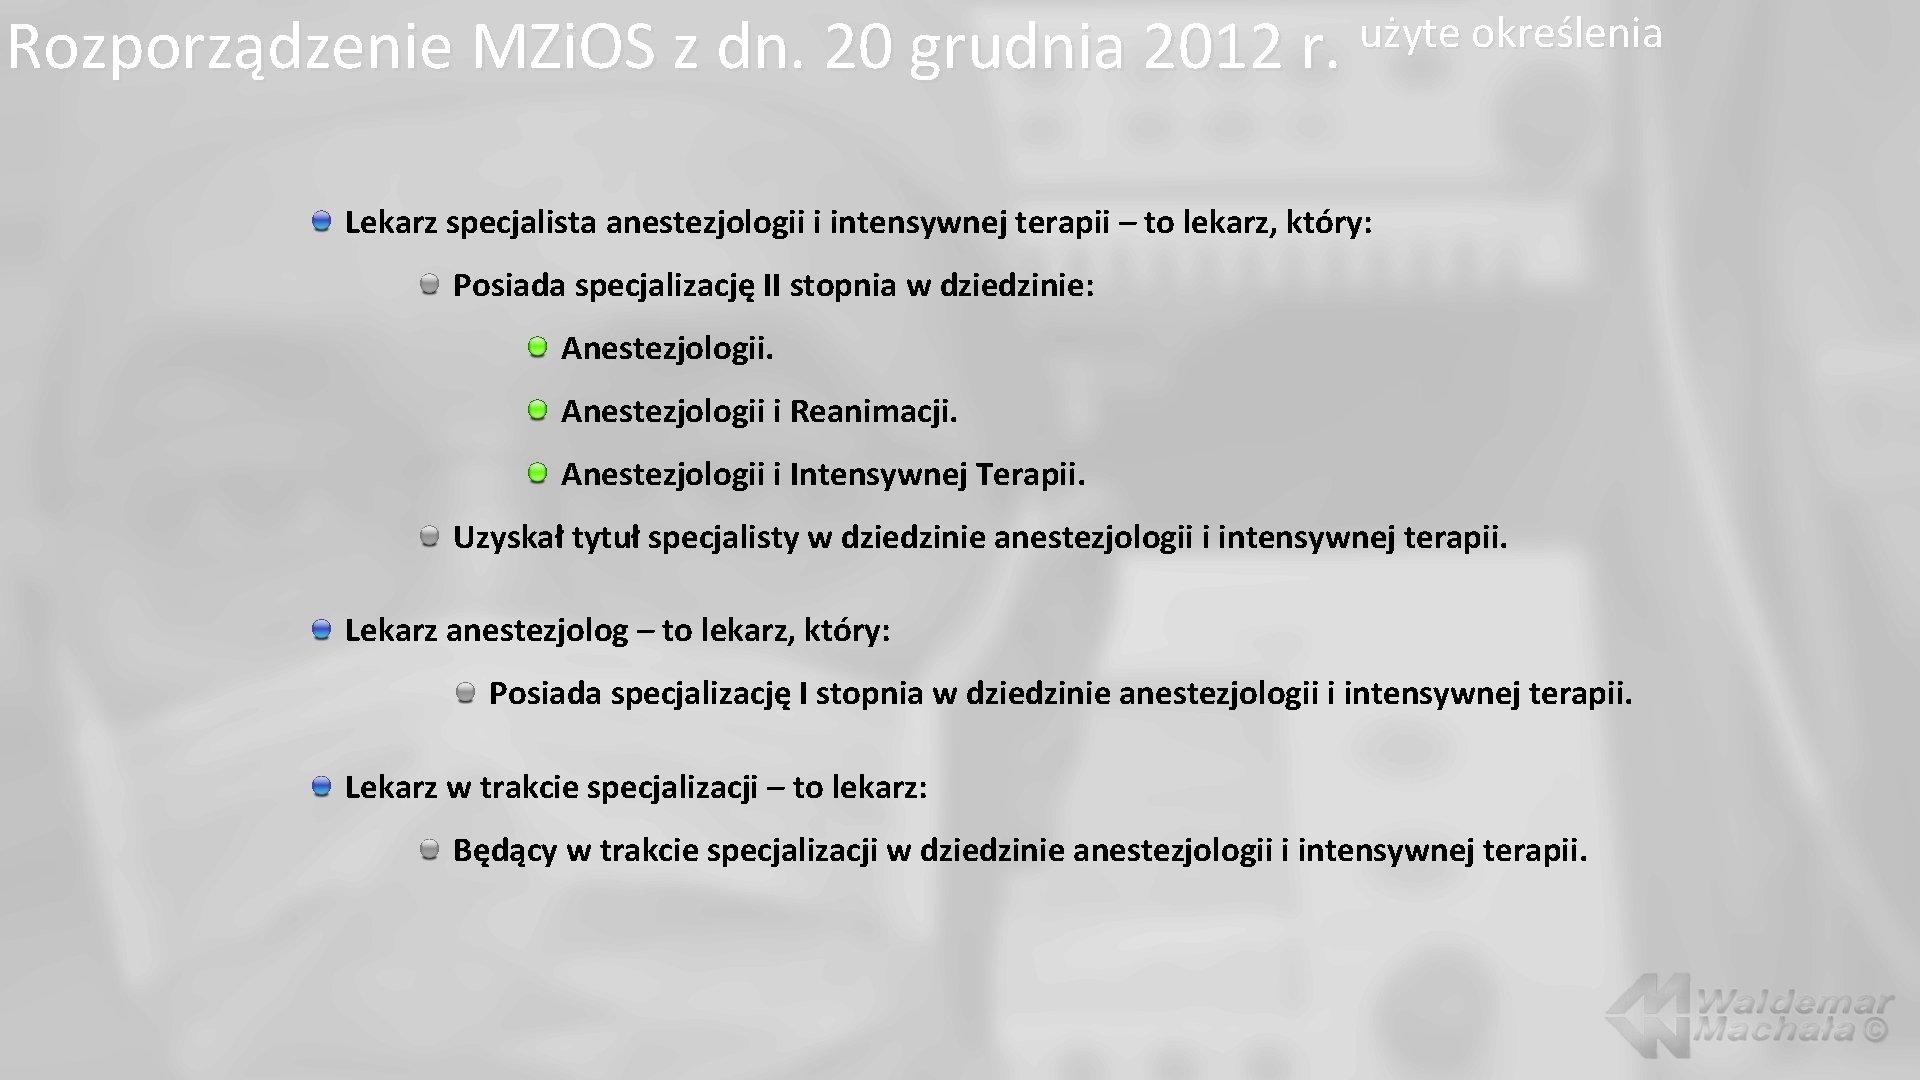 Rozporządzenie MZi. OS z dn. 20 grudnia 2012 r. użyte określenia Lekarz specjalista anestezjologii